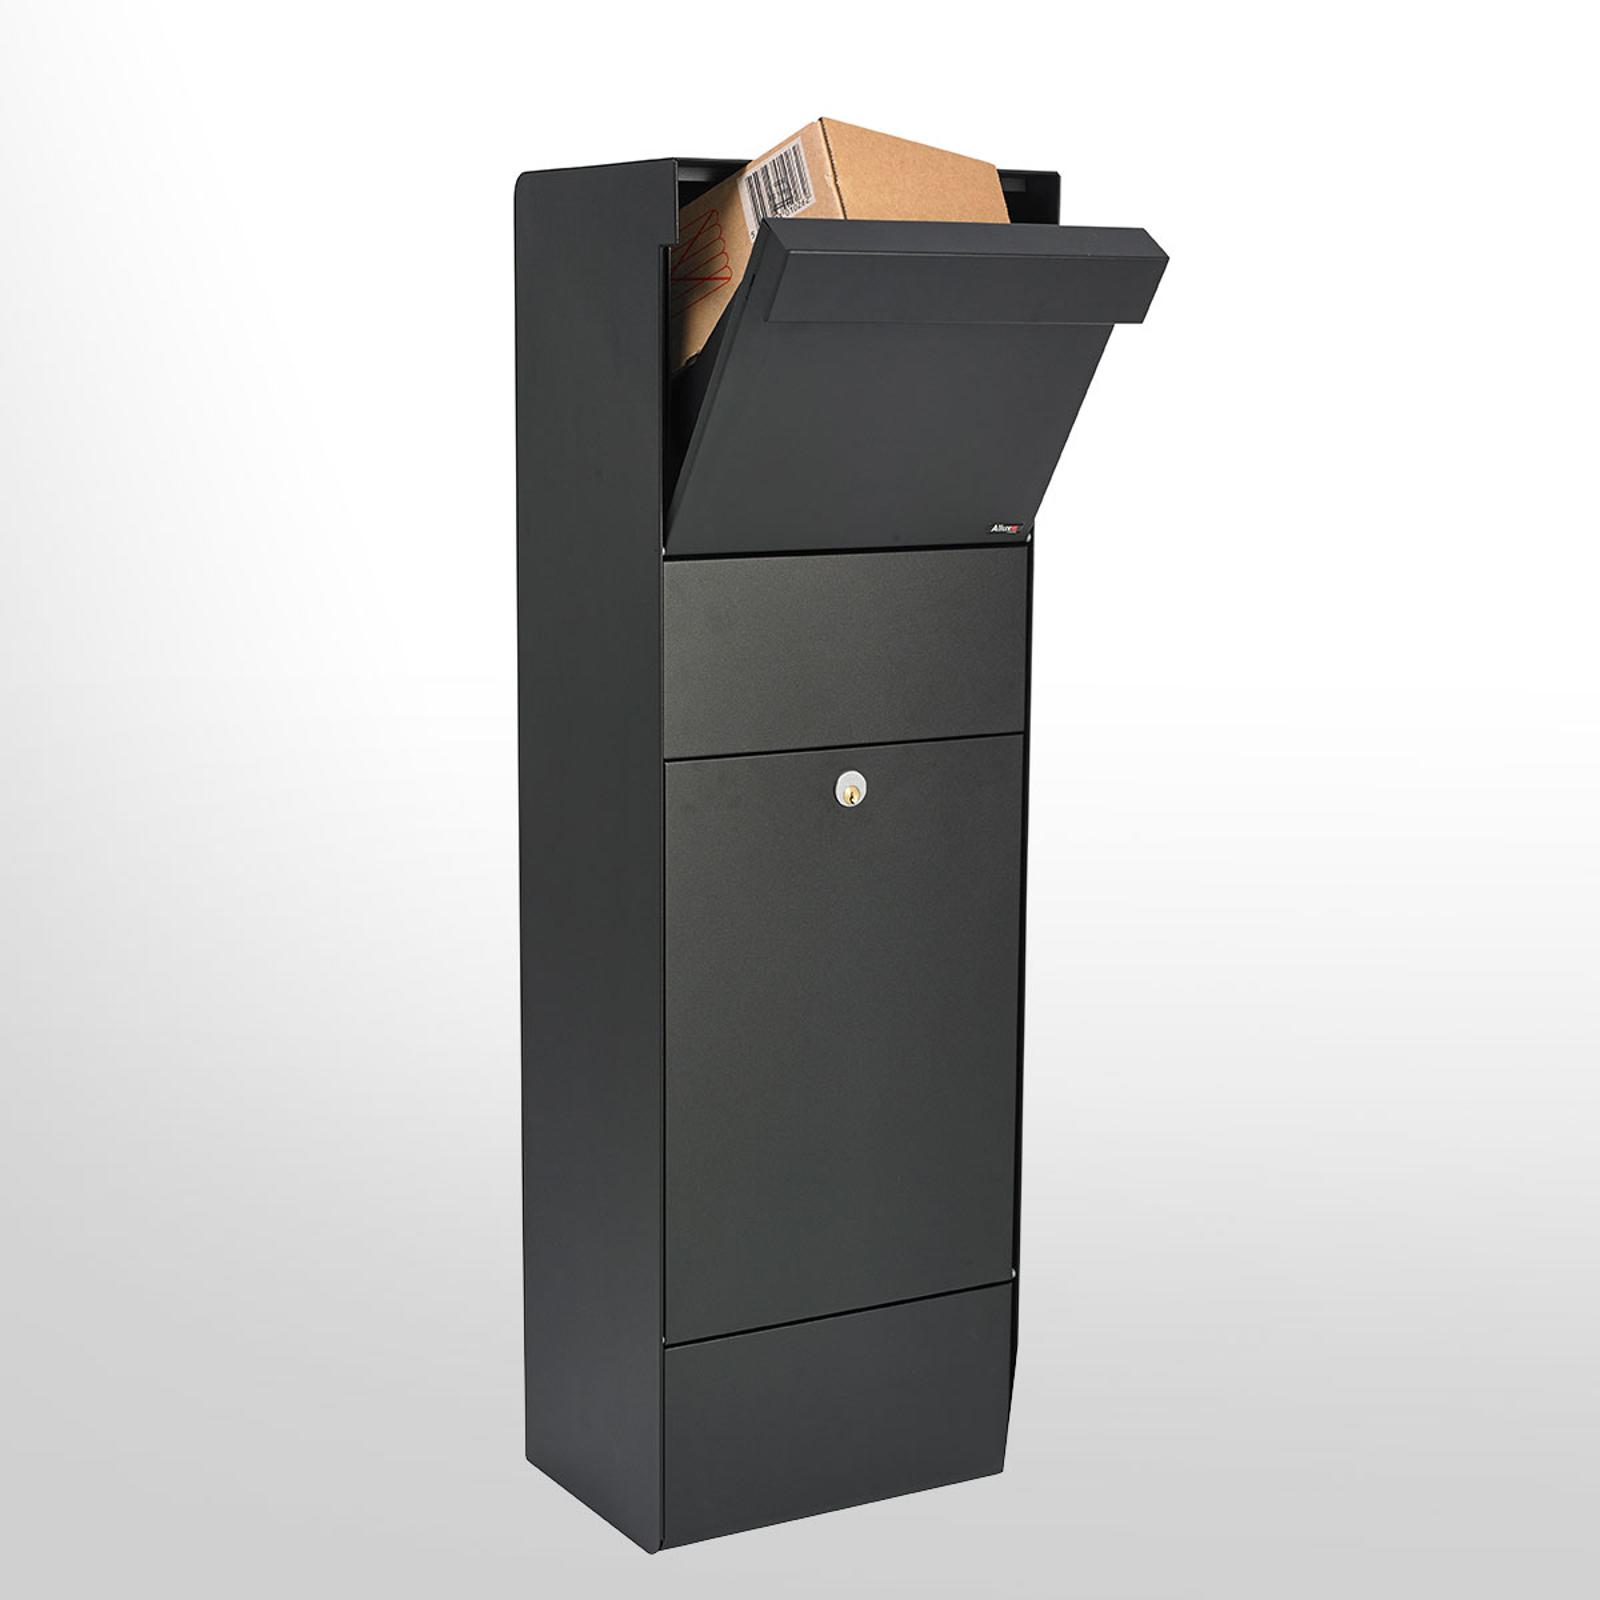 Romslig pakkepostkasse Grundform Parcel